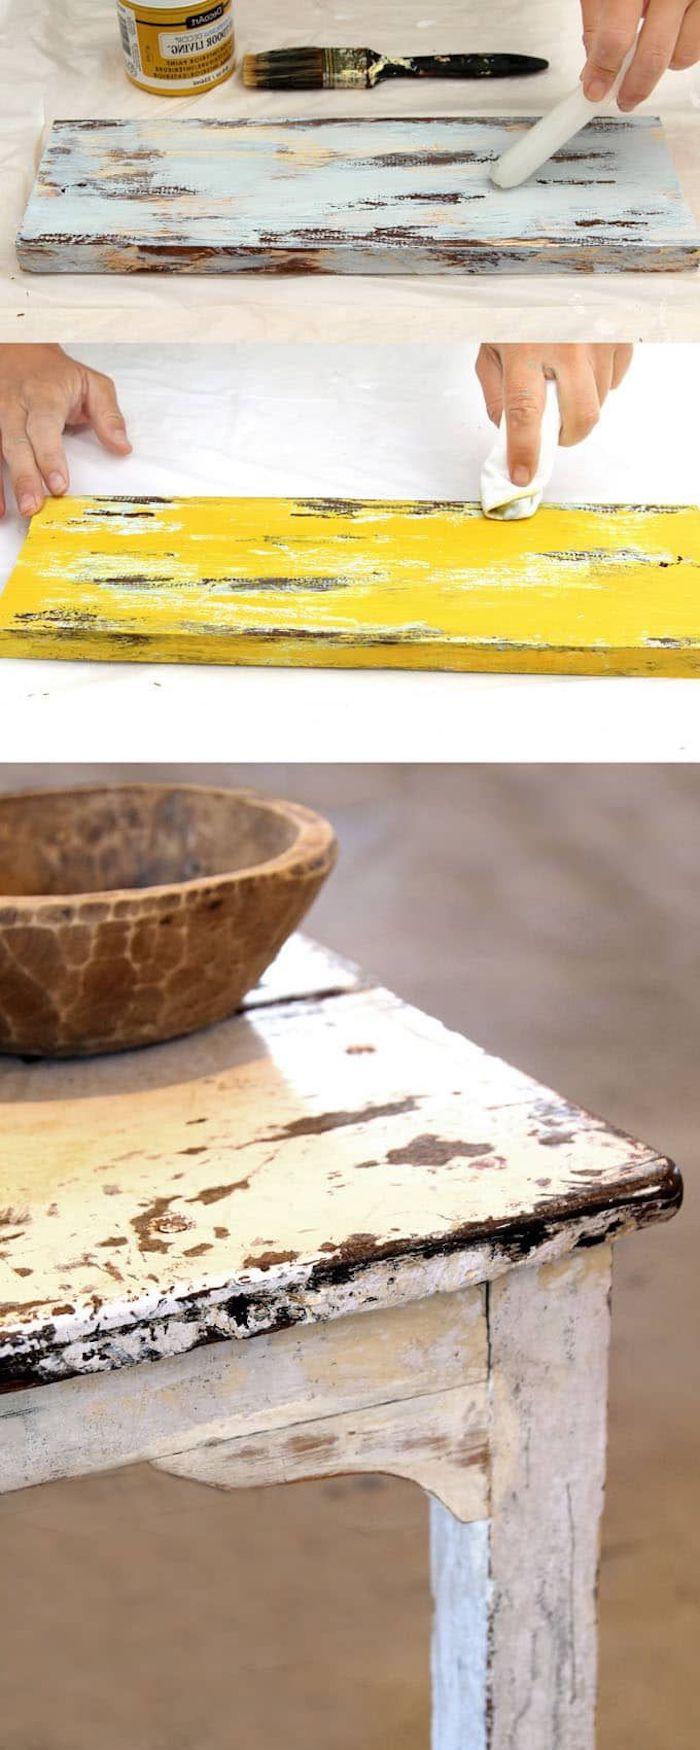 technique de customiser un meuble ancien usage de vaseline table élimé en bois blanche